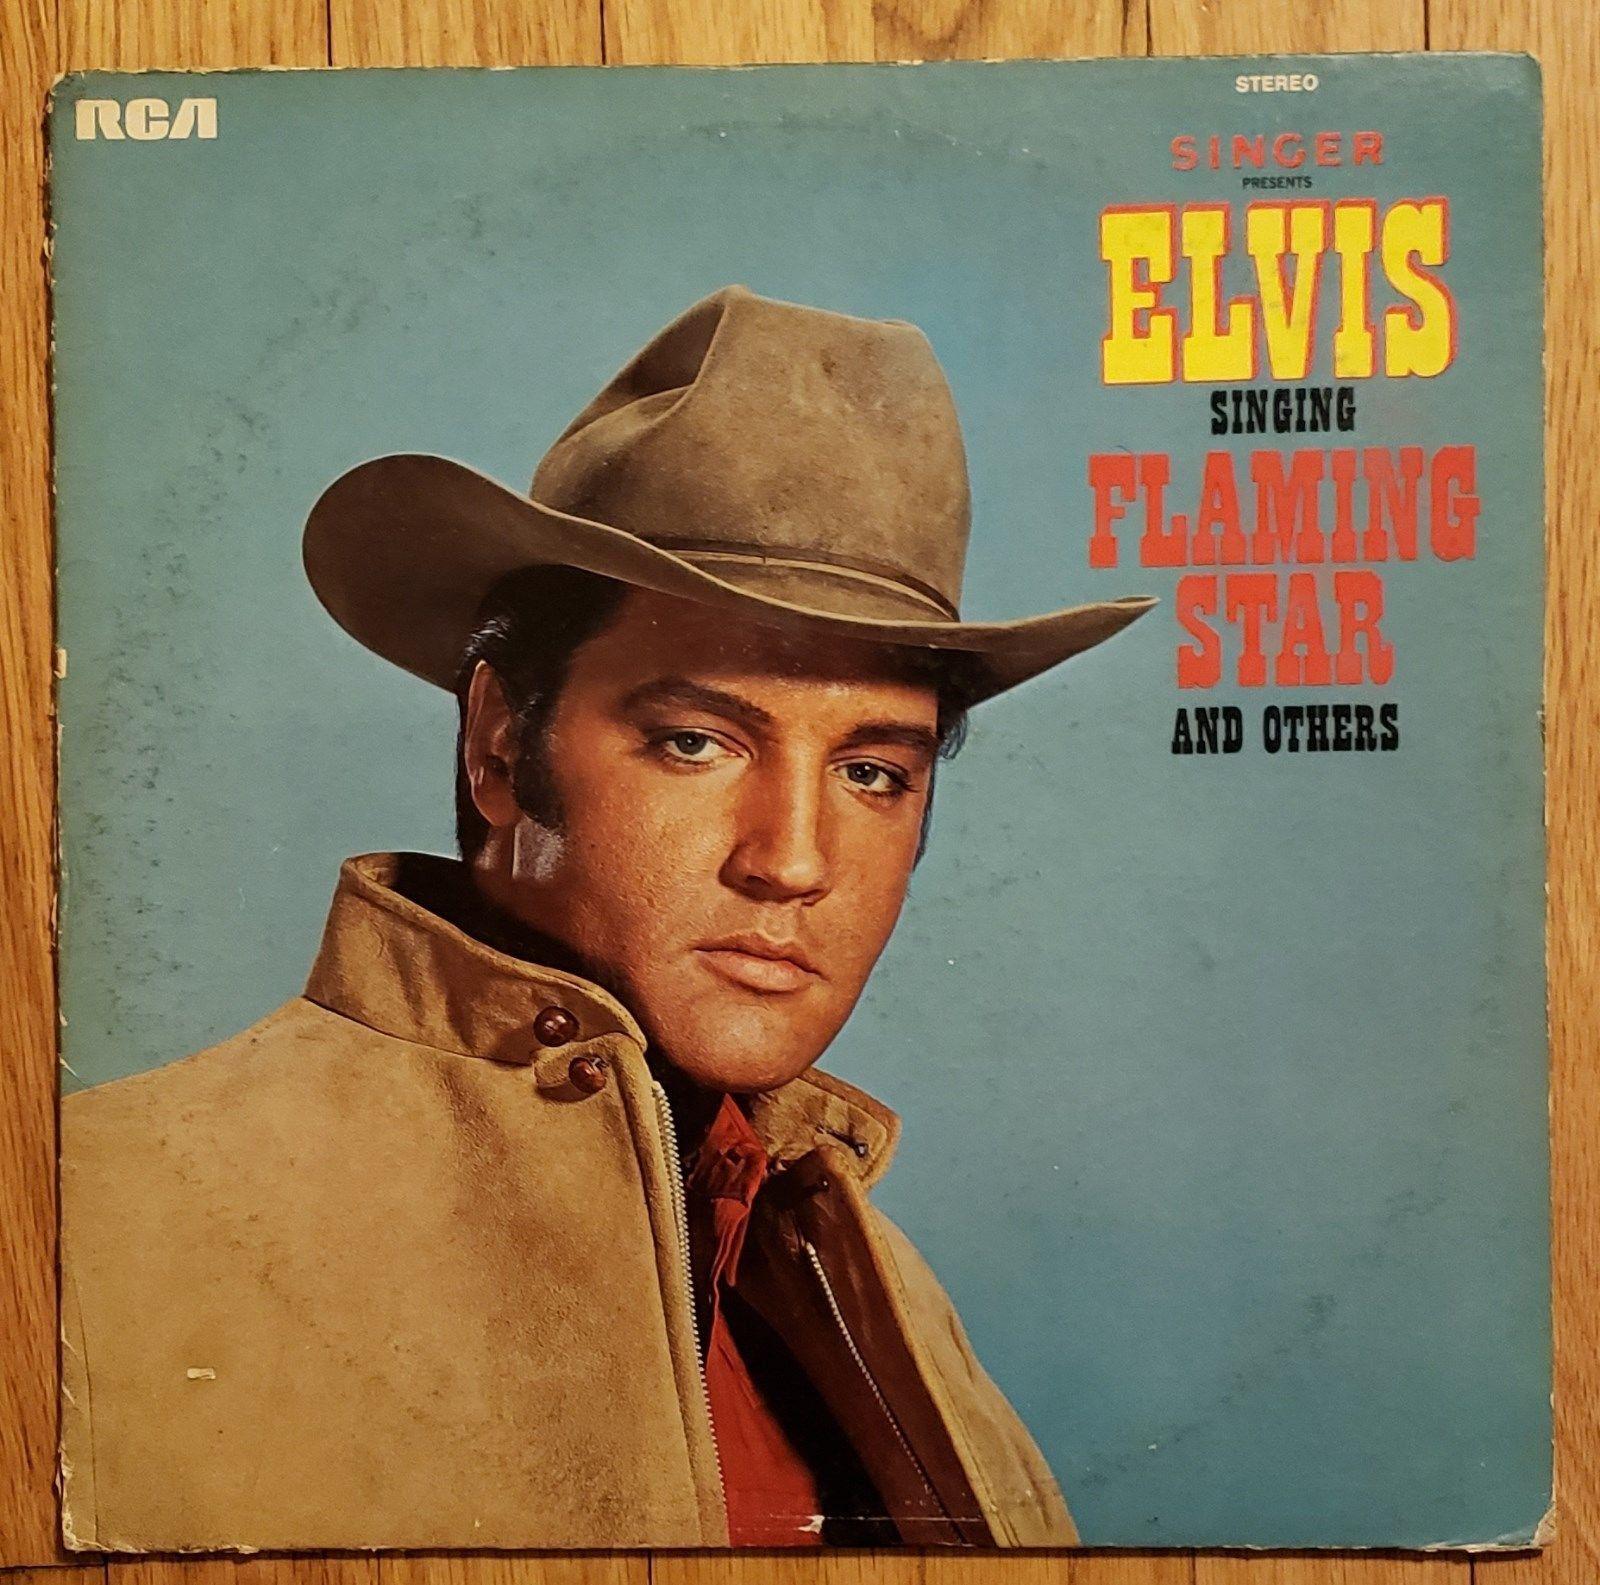 Elvis Presley Elvis Singing Flamingo Star Lp Vinyl Album Rca Etsy In 2021 Elvis Presley Albums Elvis Sings Elvis Presley